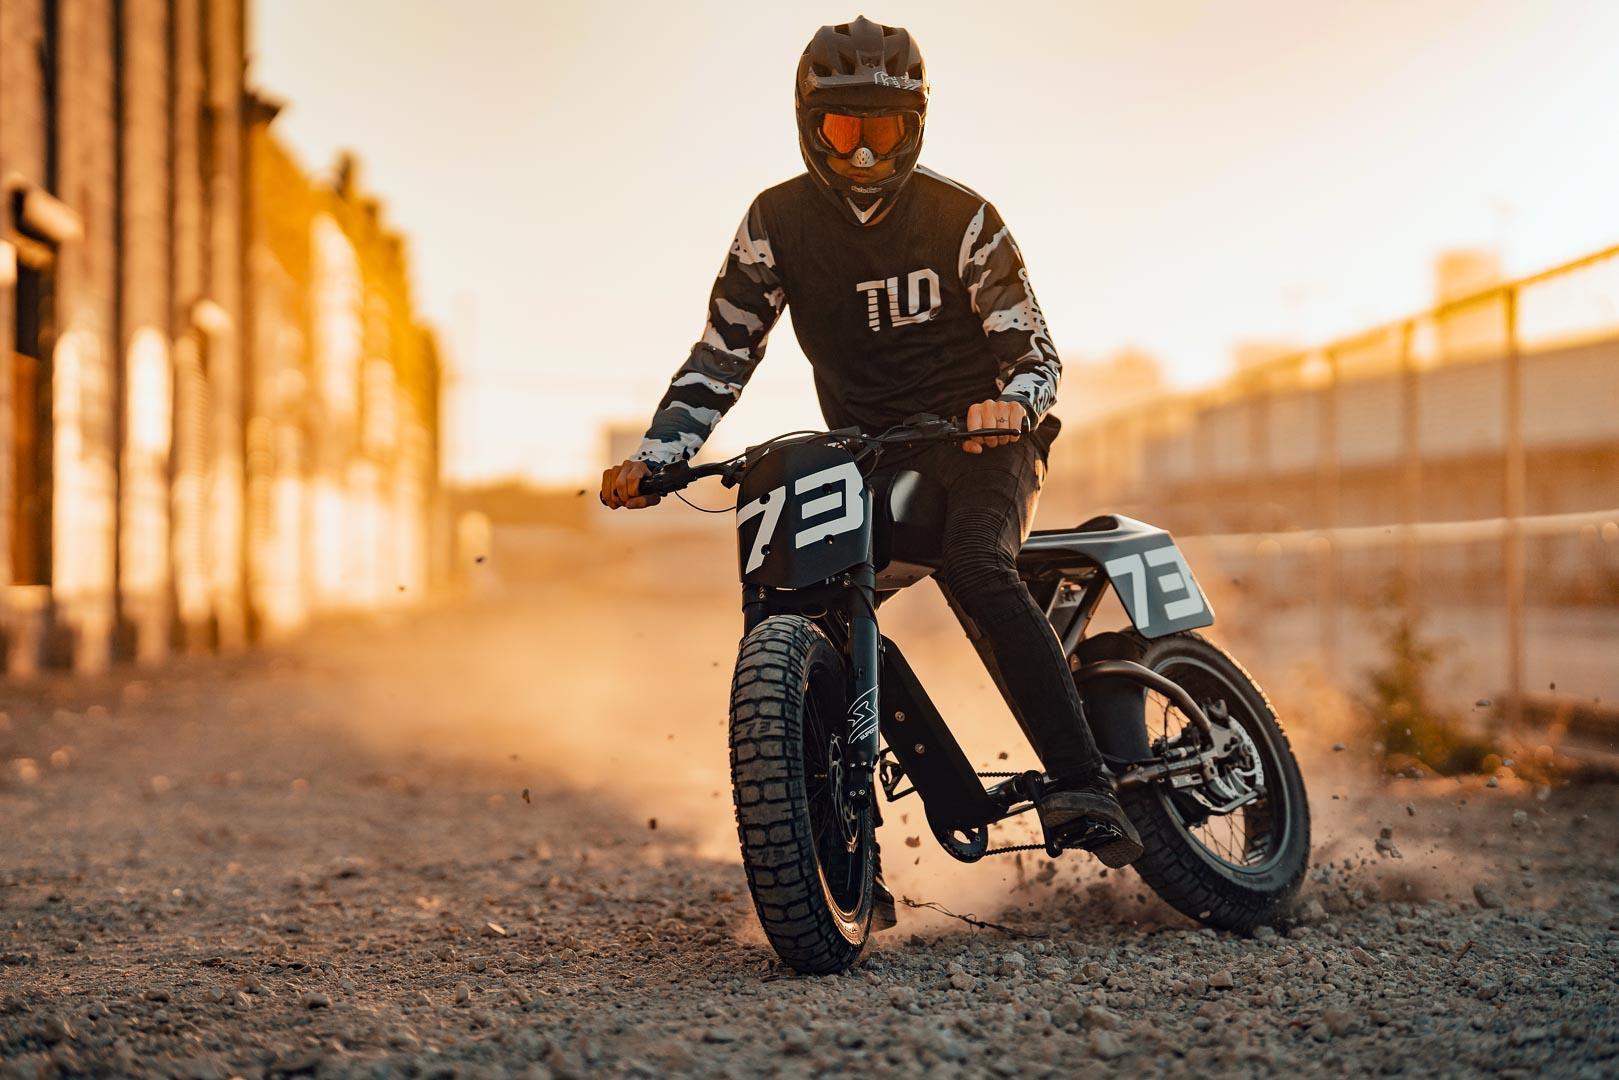 Super73 Flat Track RX: Chiếc xe đạp lai đầy táo bạo Ảnh 11